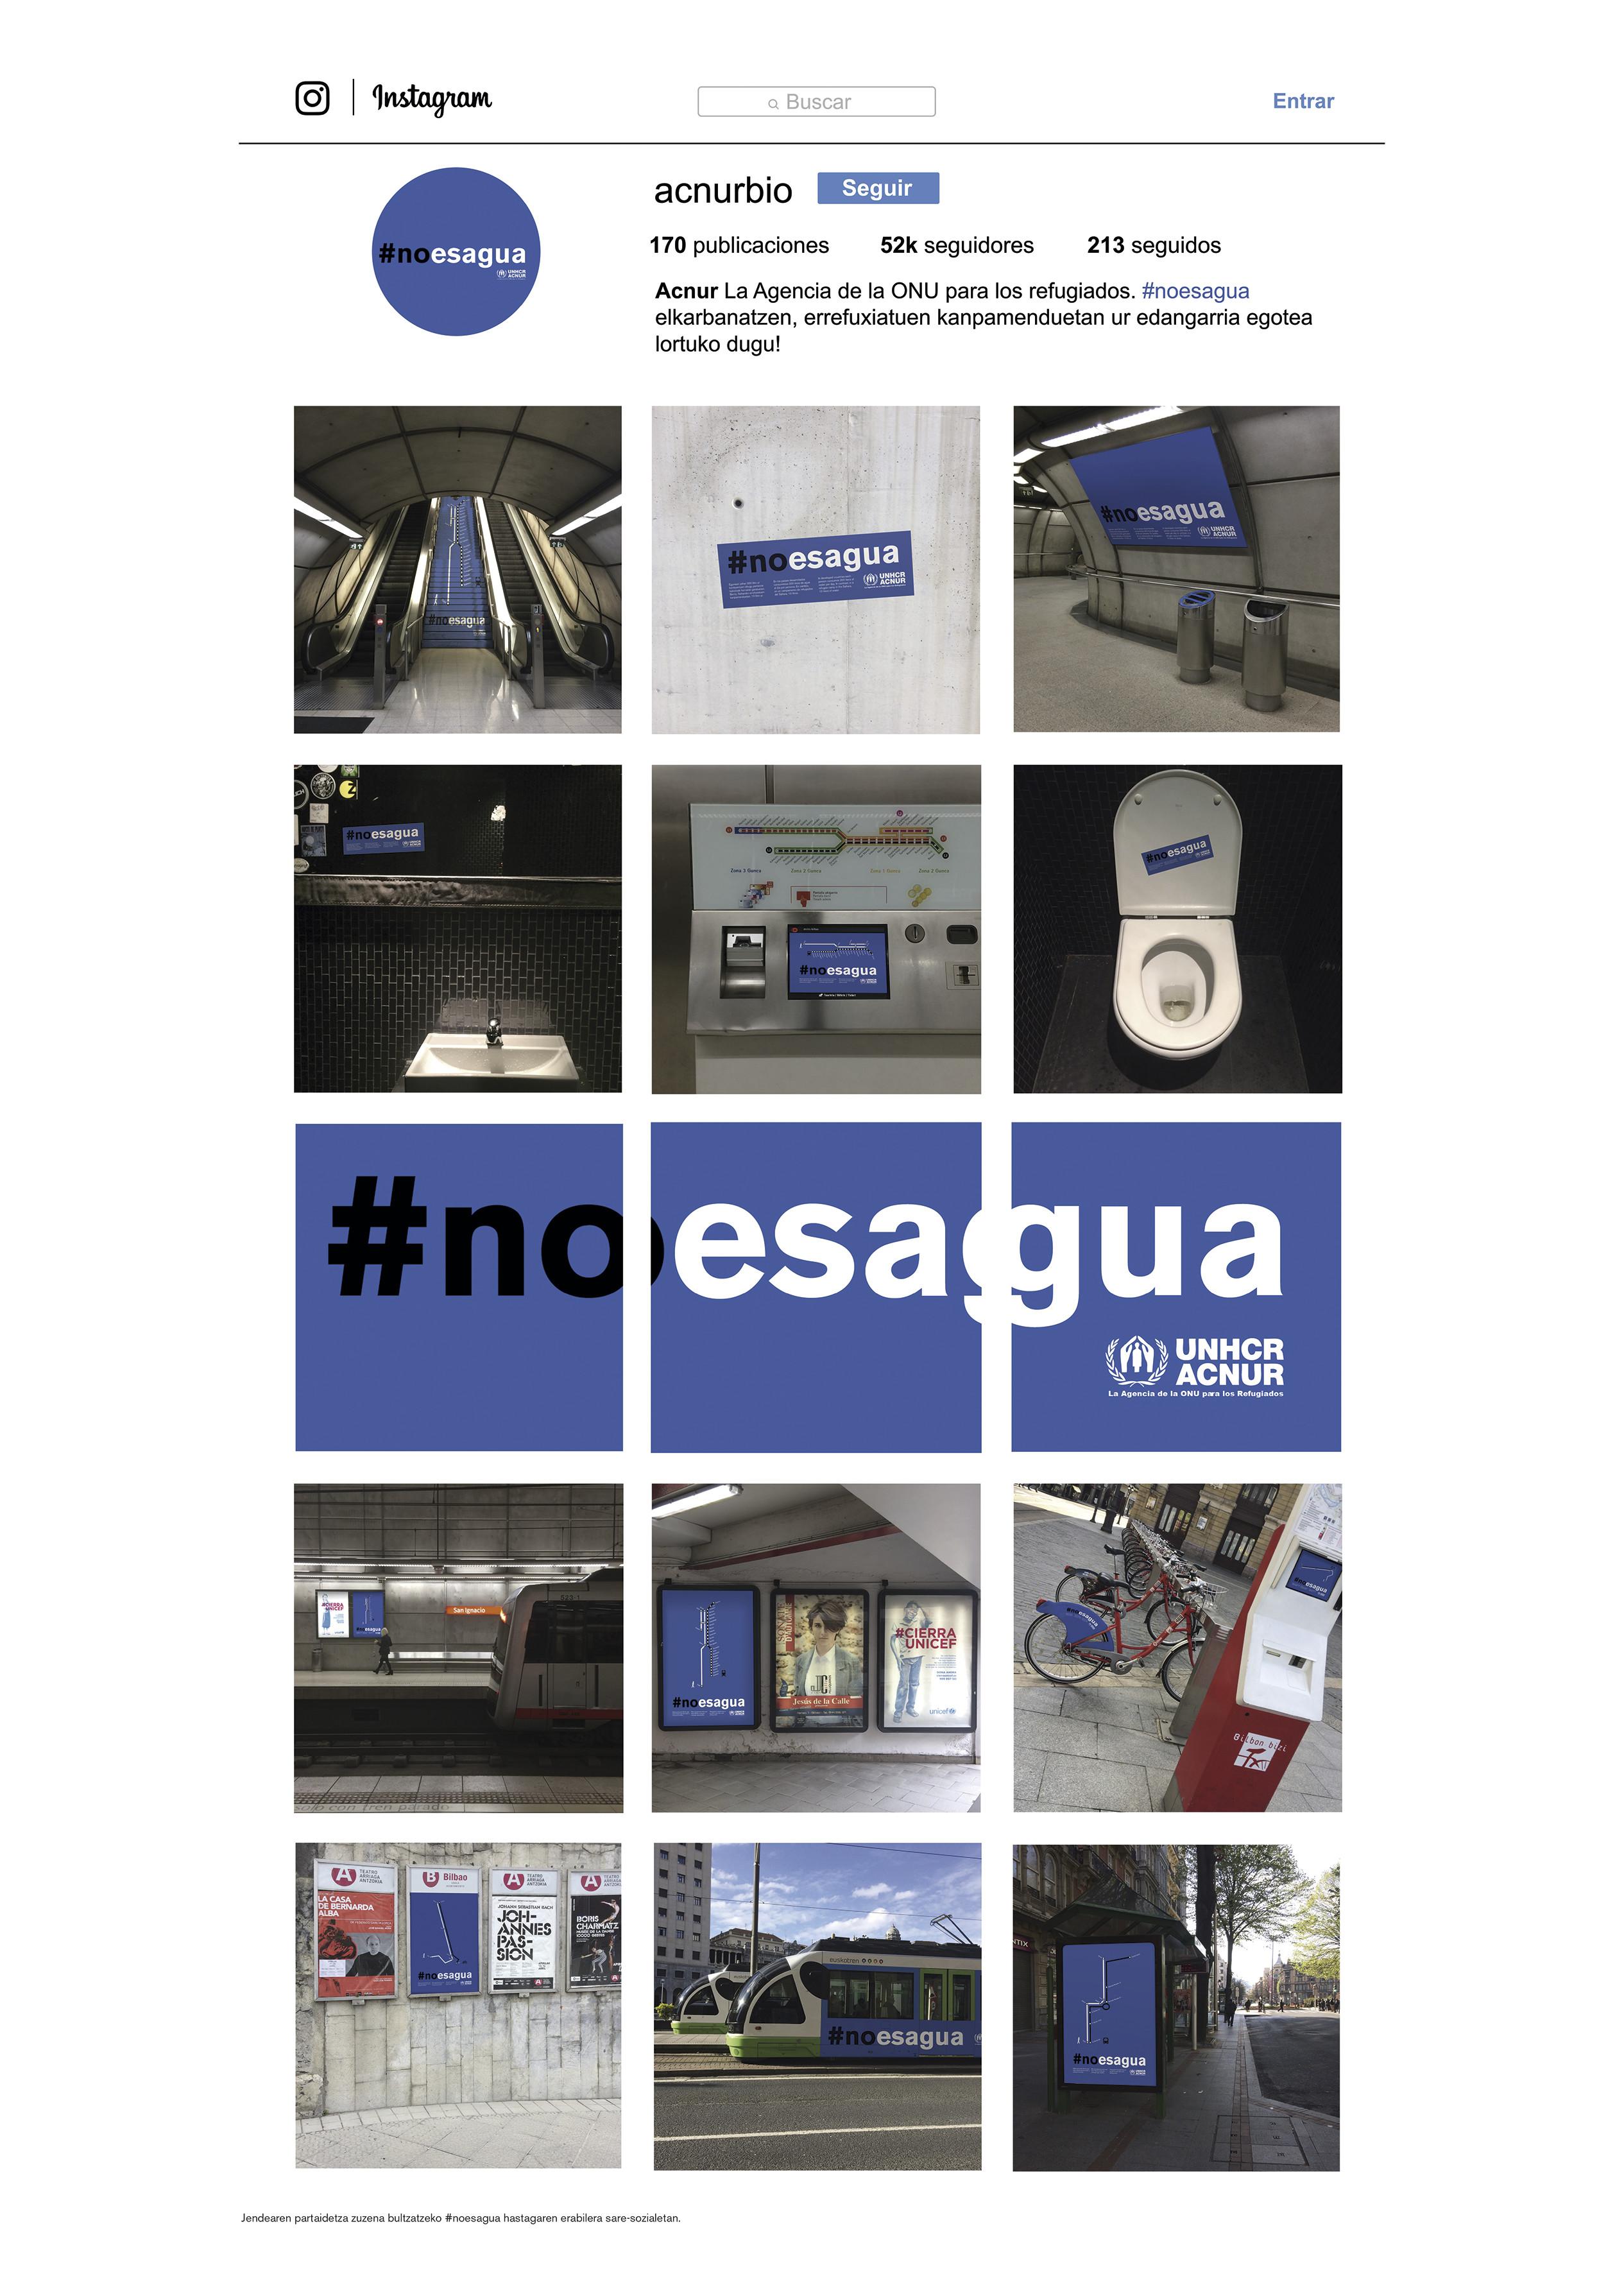 #noesagua by PigDesign - Creative Work - $i